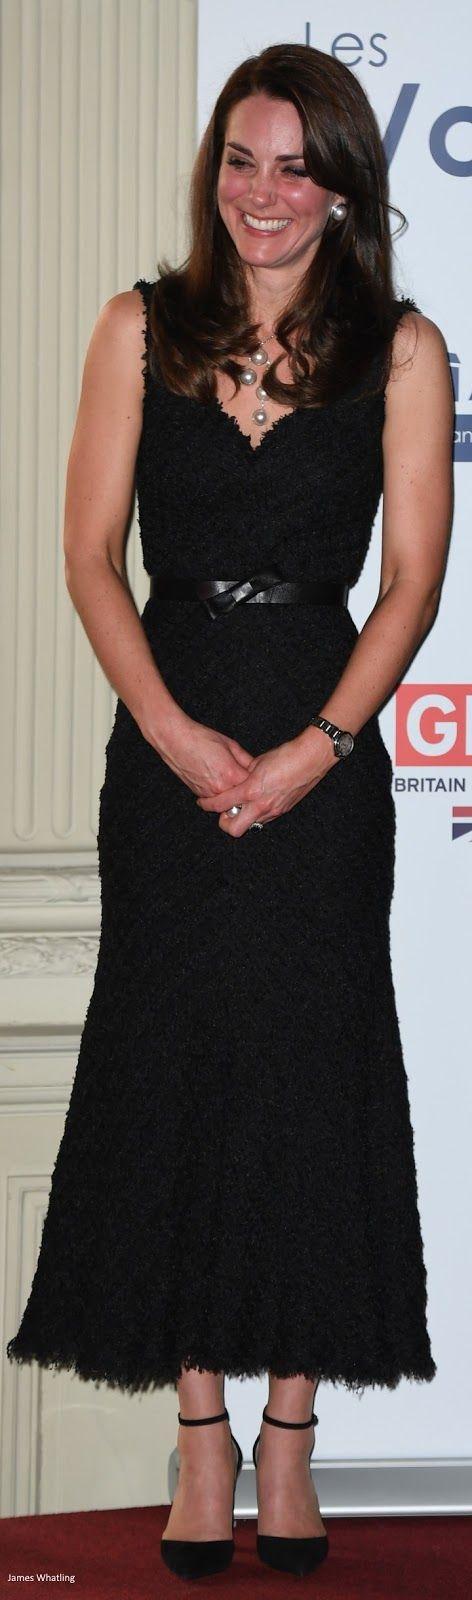 a0f27a9a1a3 Duchess Kate  Kate s Paris Chic in McQueen Black Dress   Pearls ...